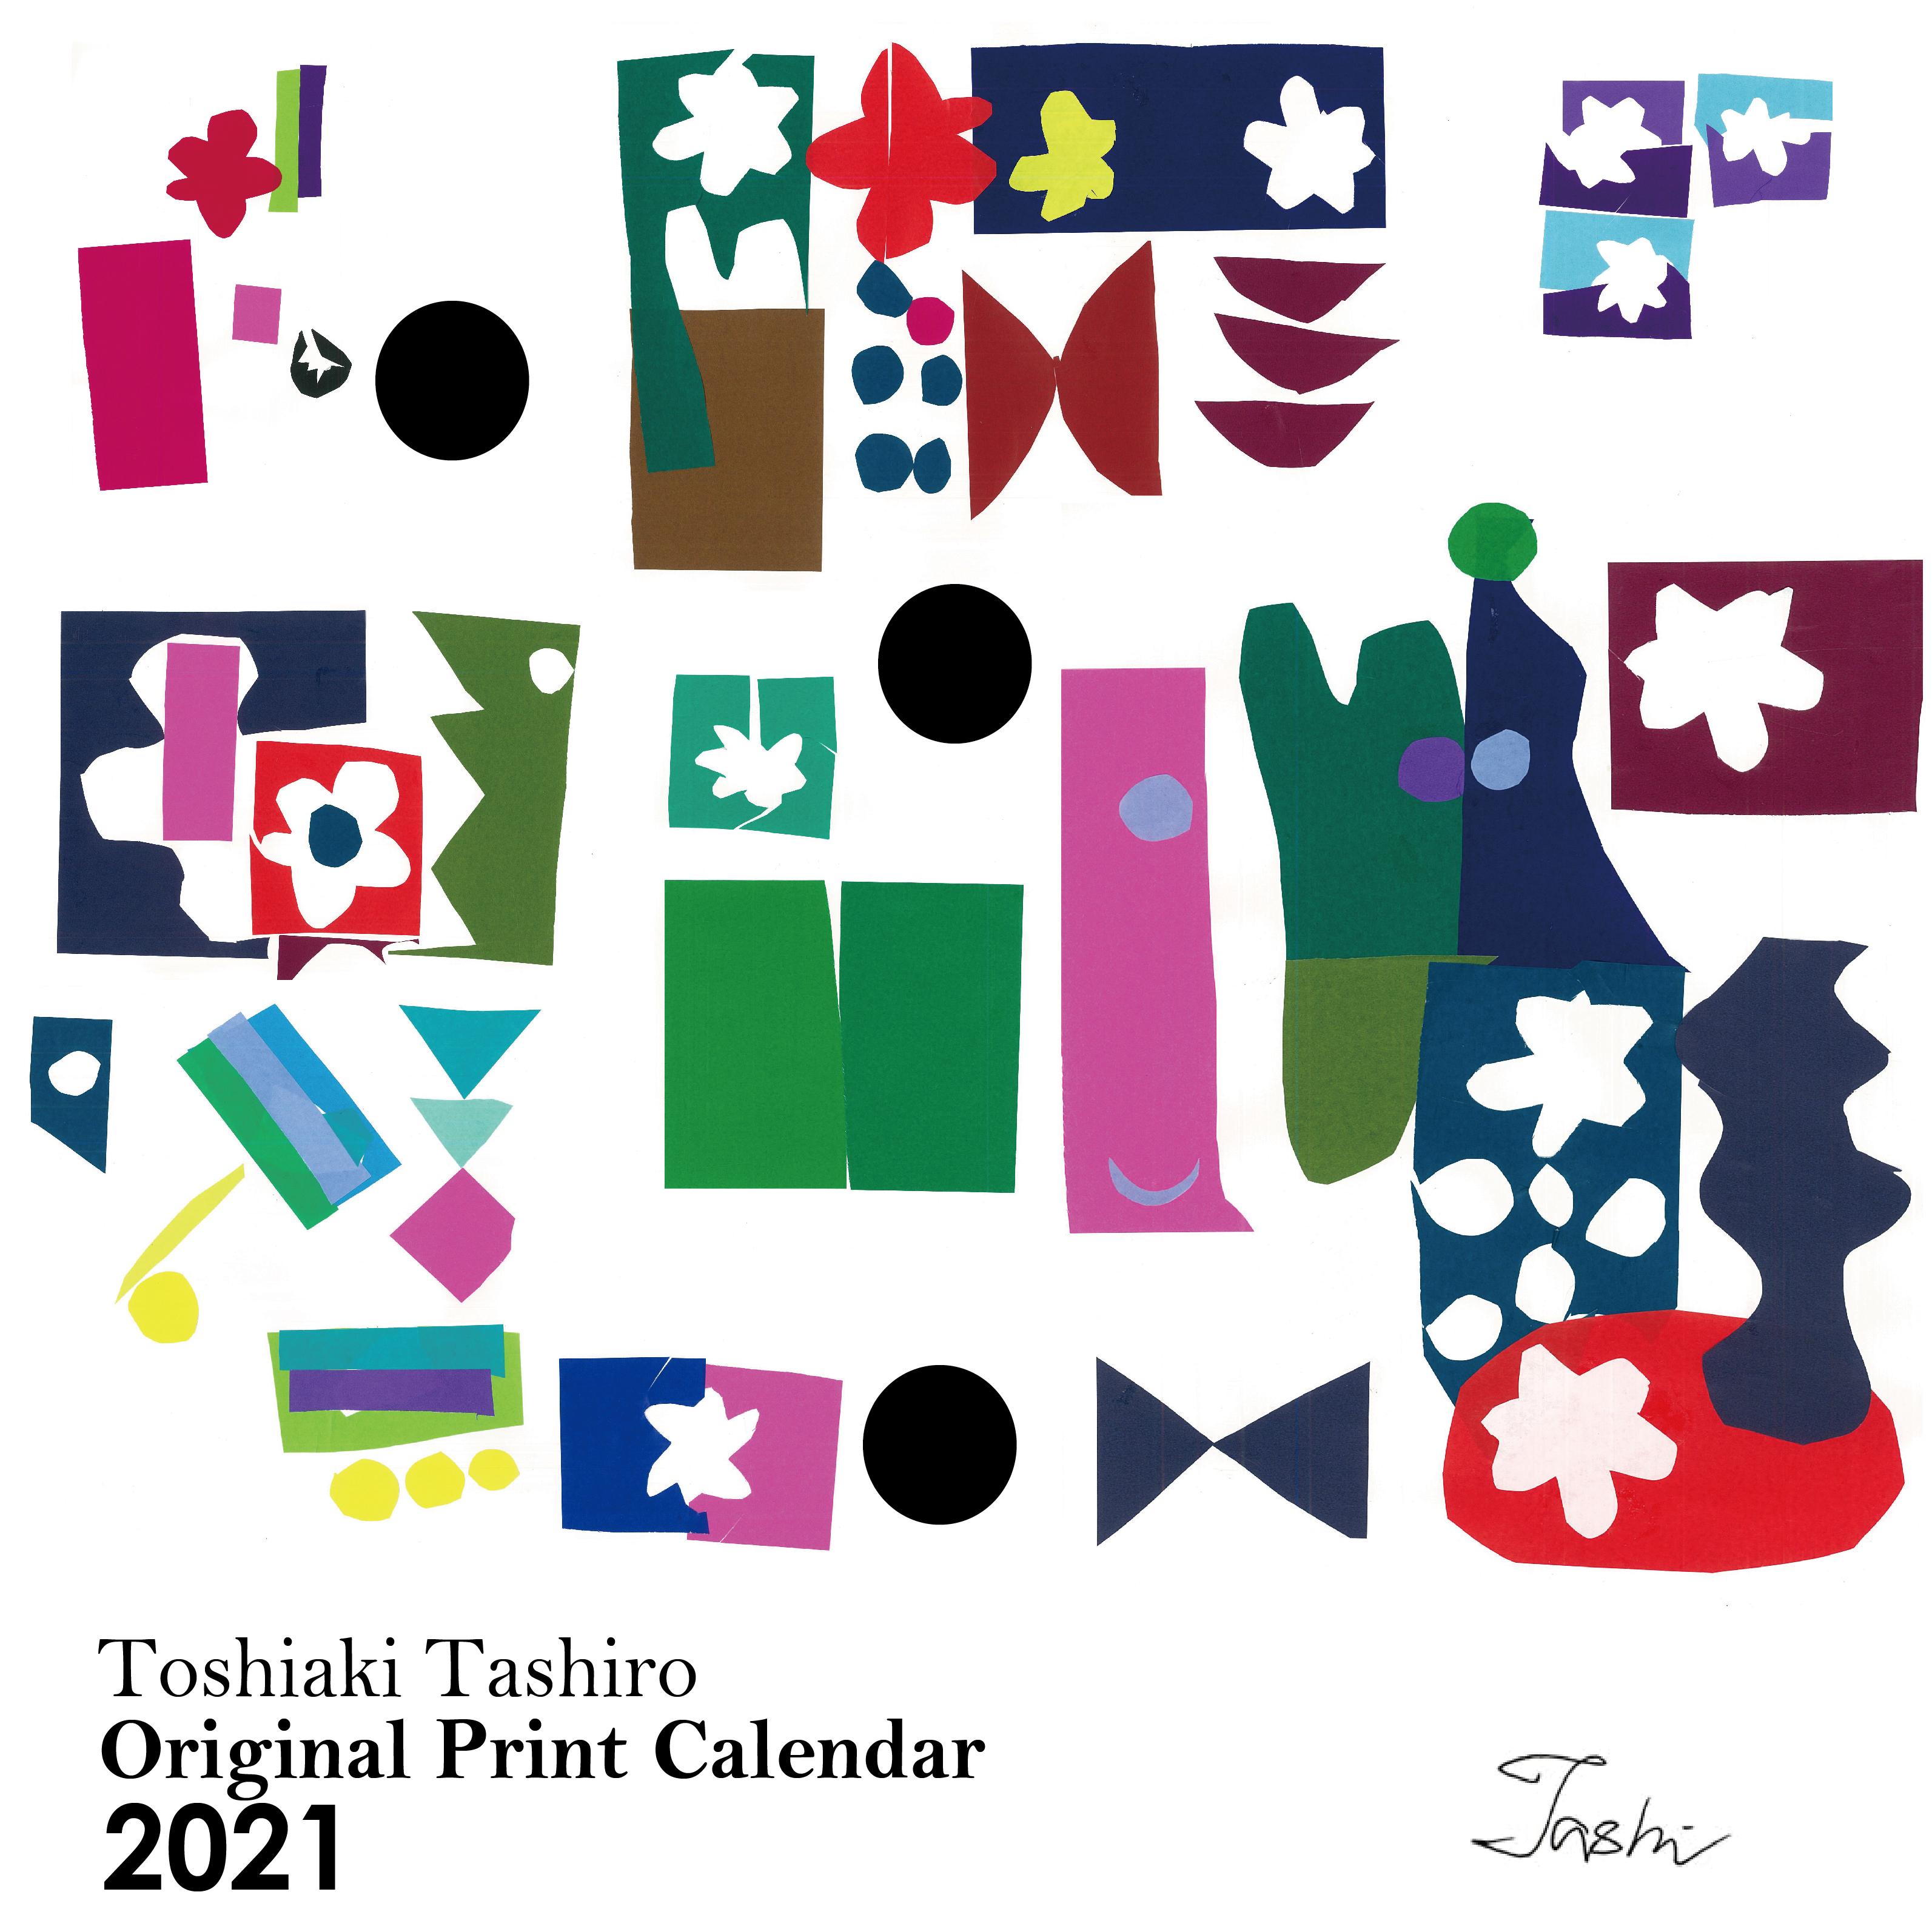 【予約商品】【カレンダー】【壁掛けタイプ】オリジナルプリントカレンダー2021年版